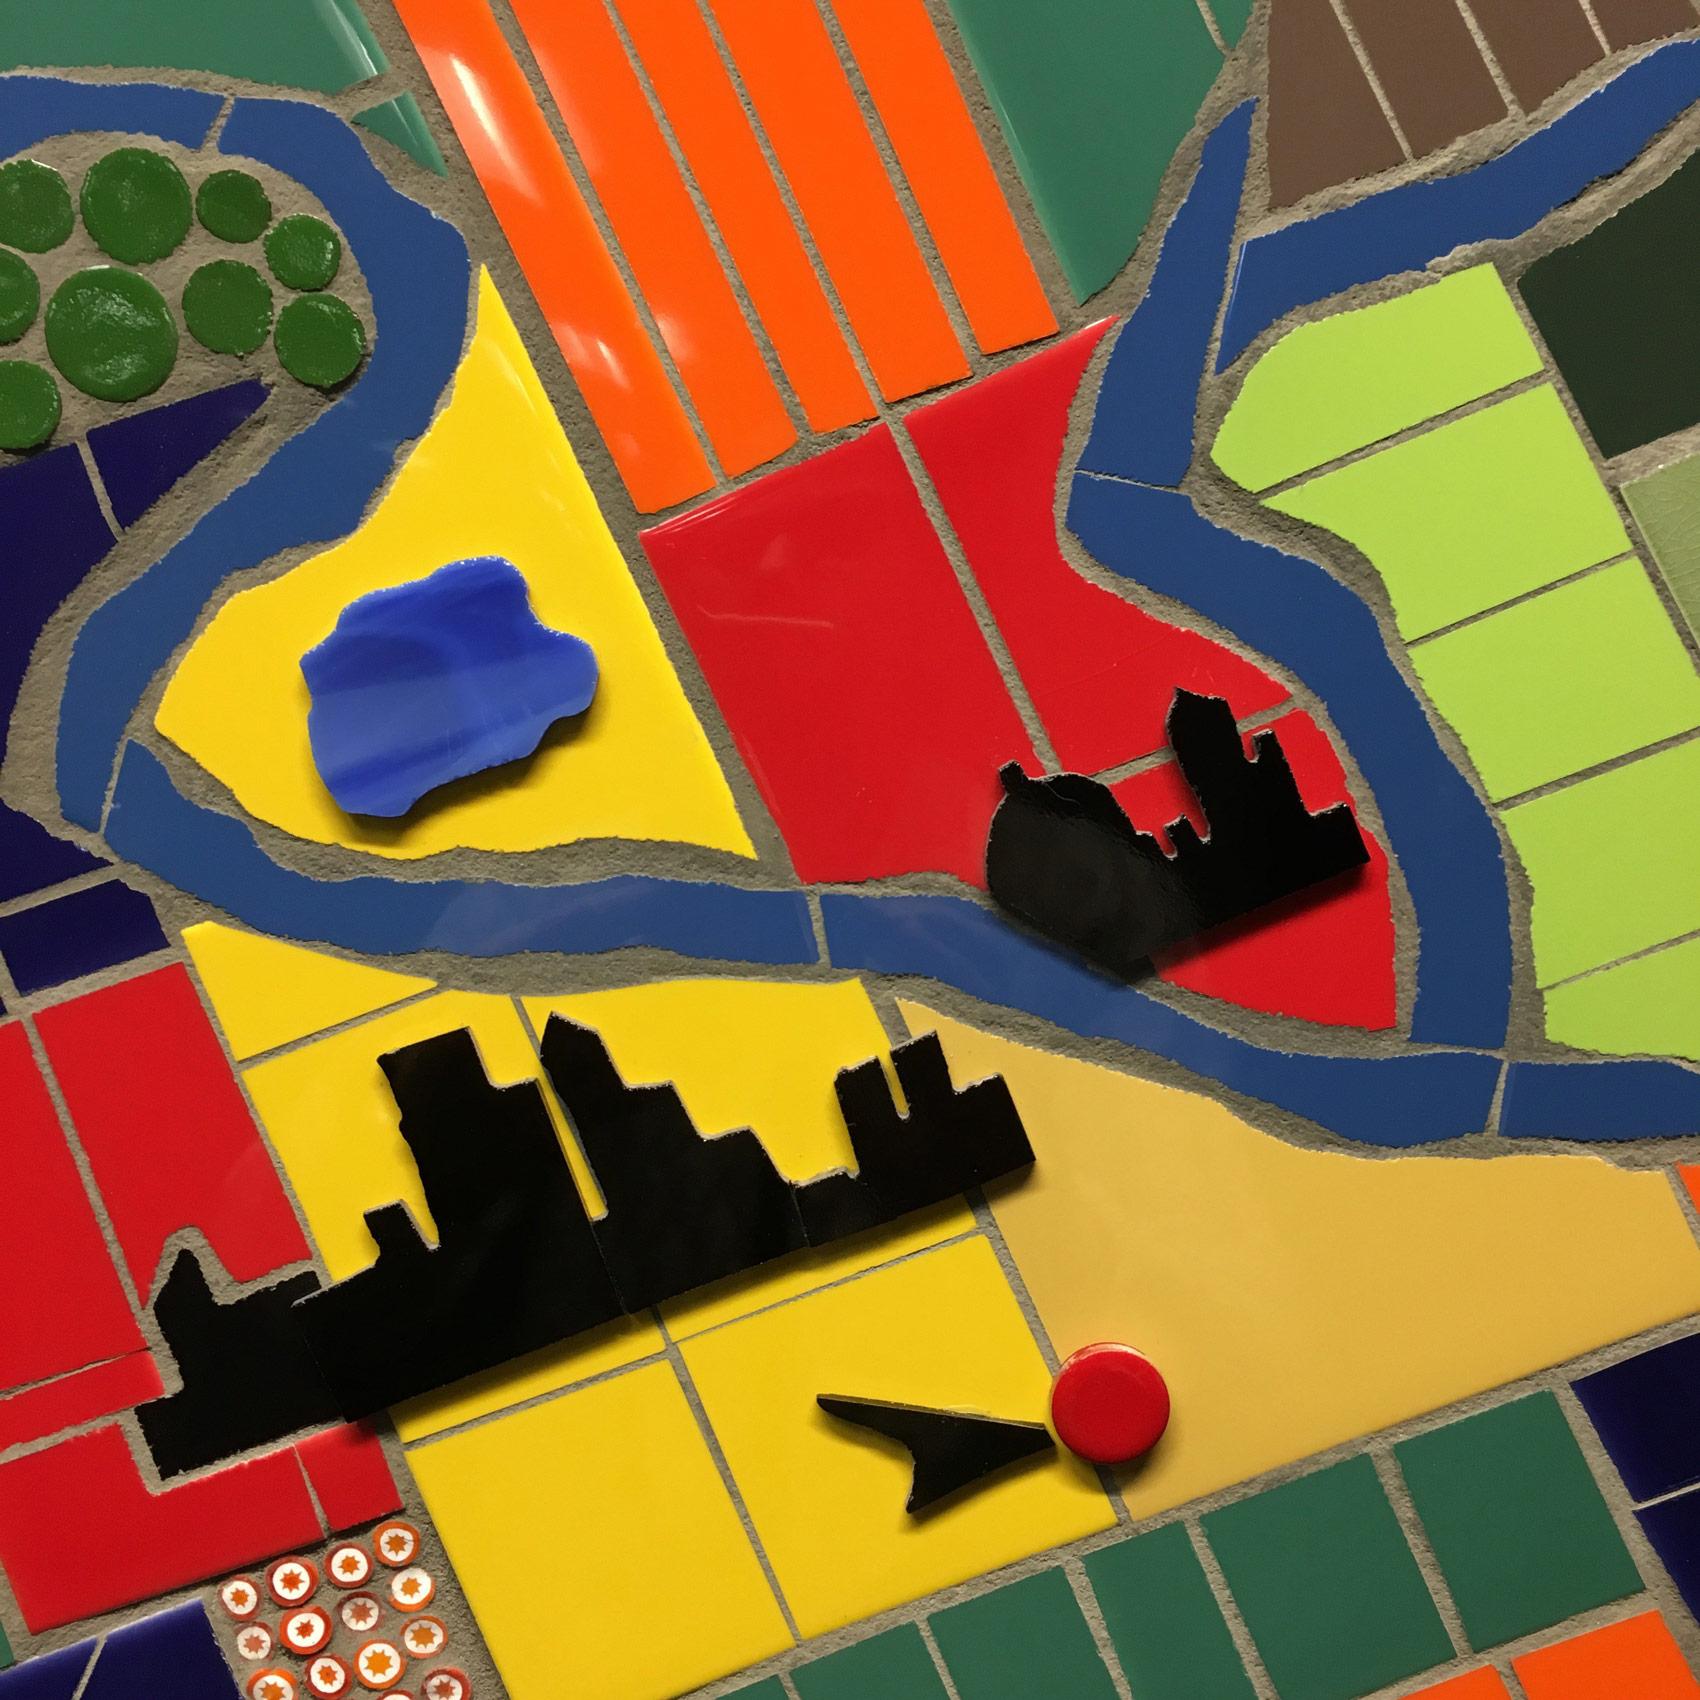 3.Wings-detail-cities2.jpg